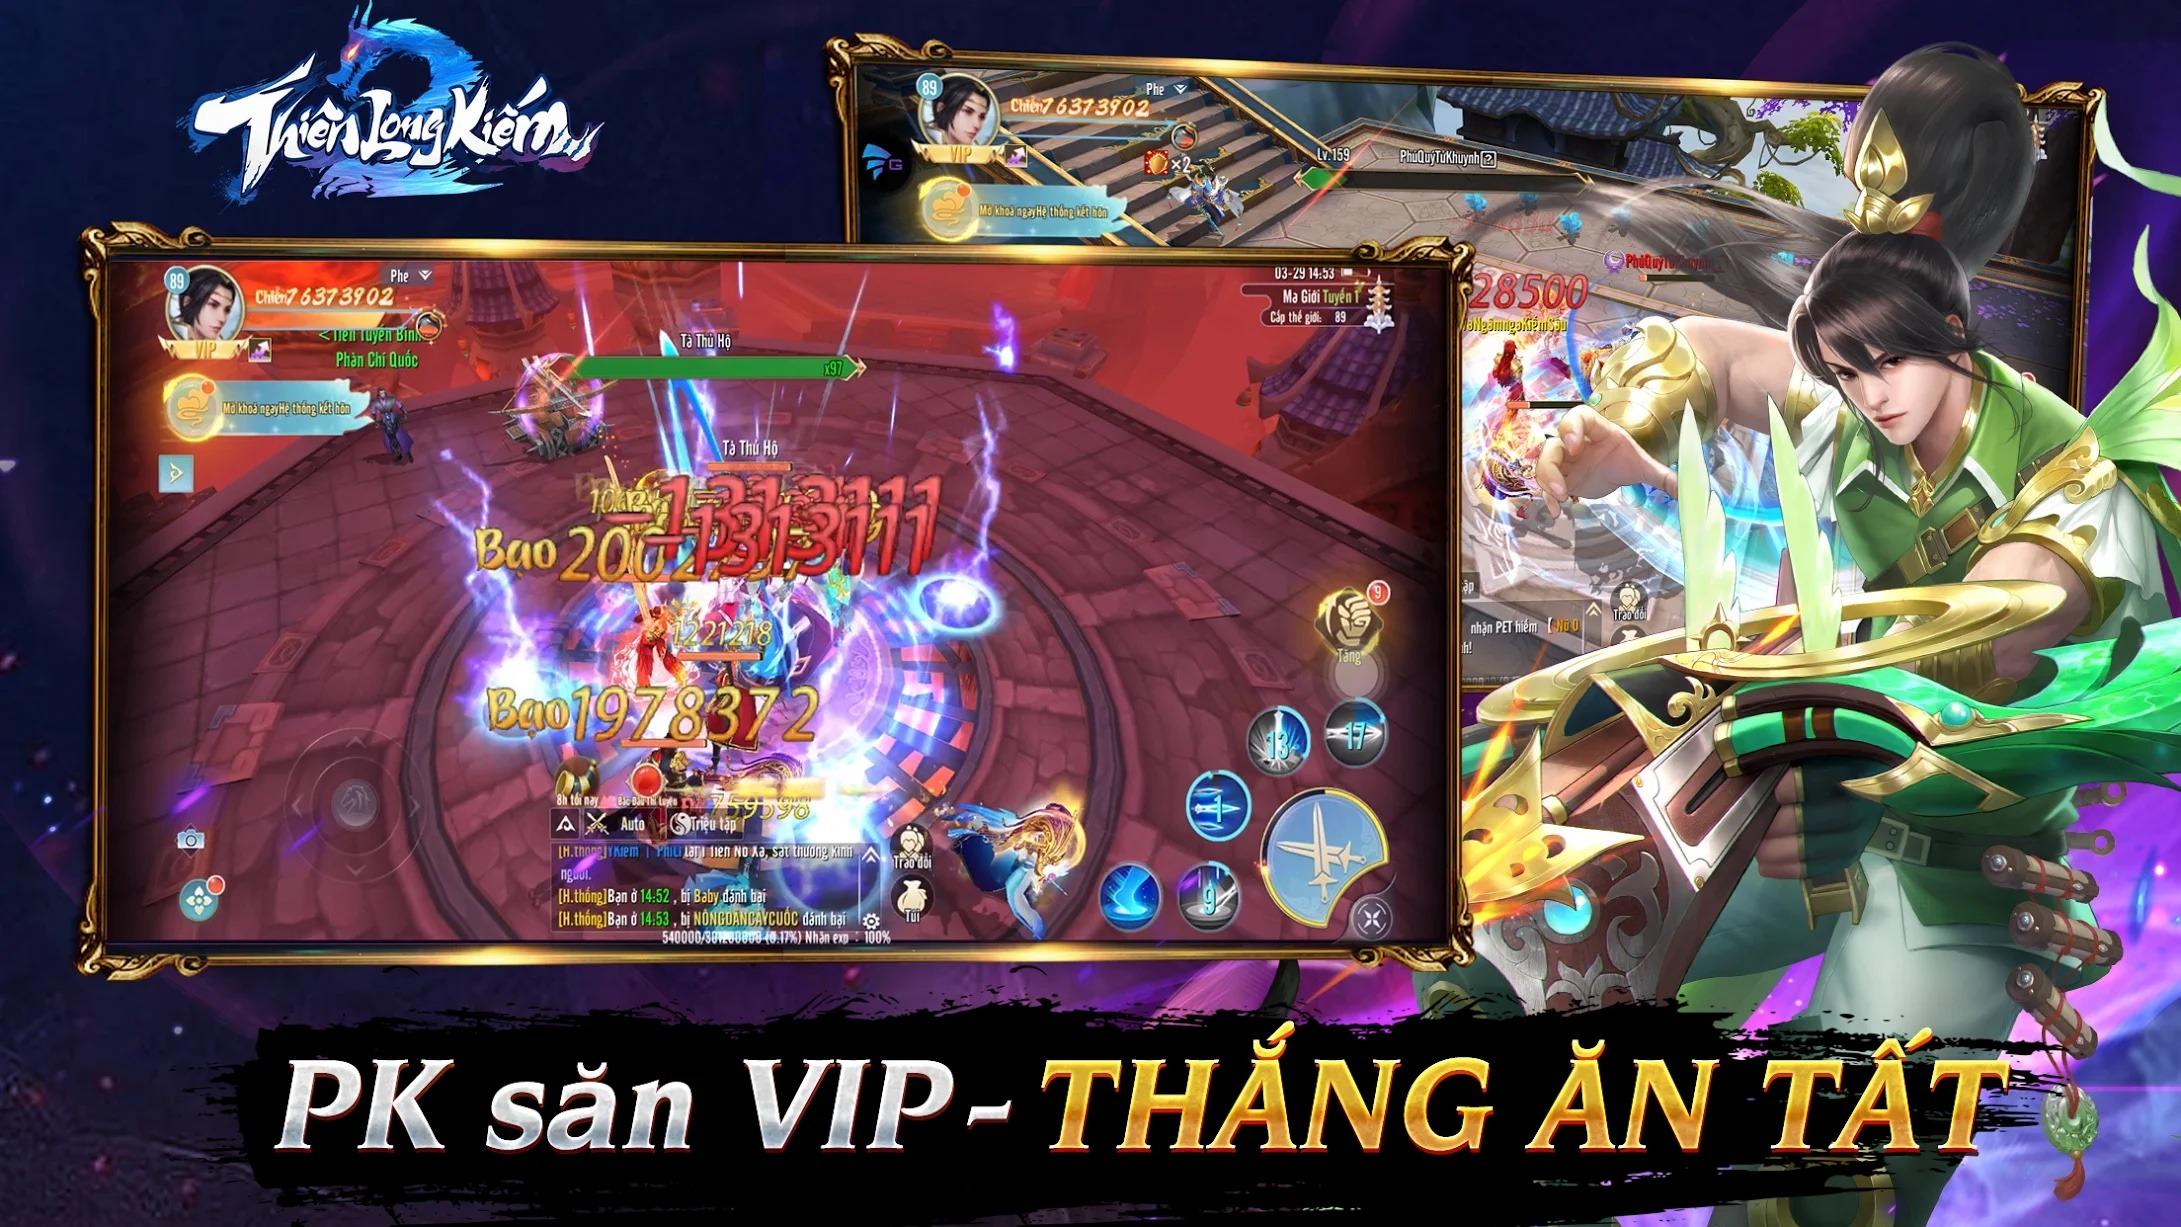 Thiên Long Kiếm 2 chính thức phát hành